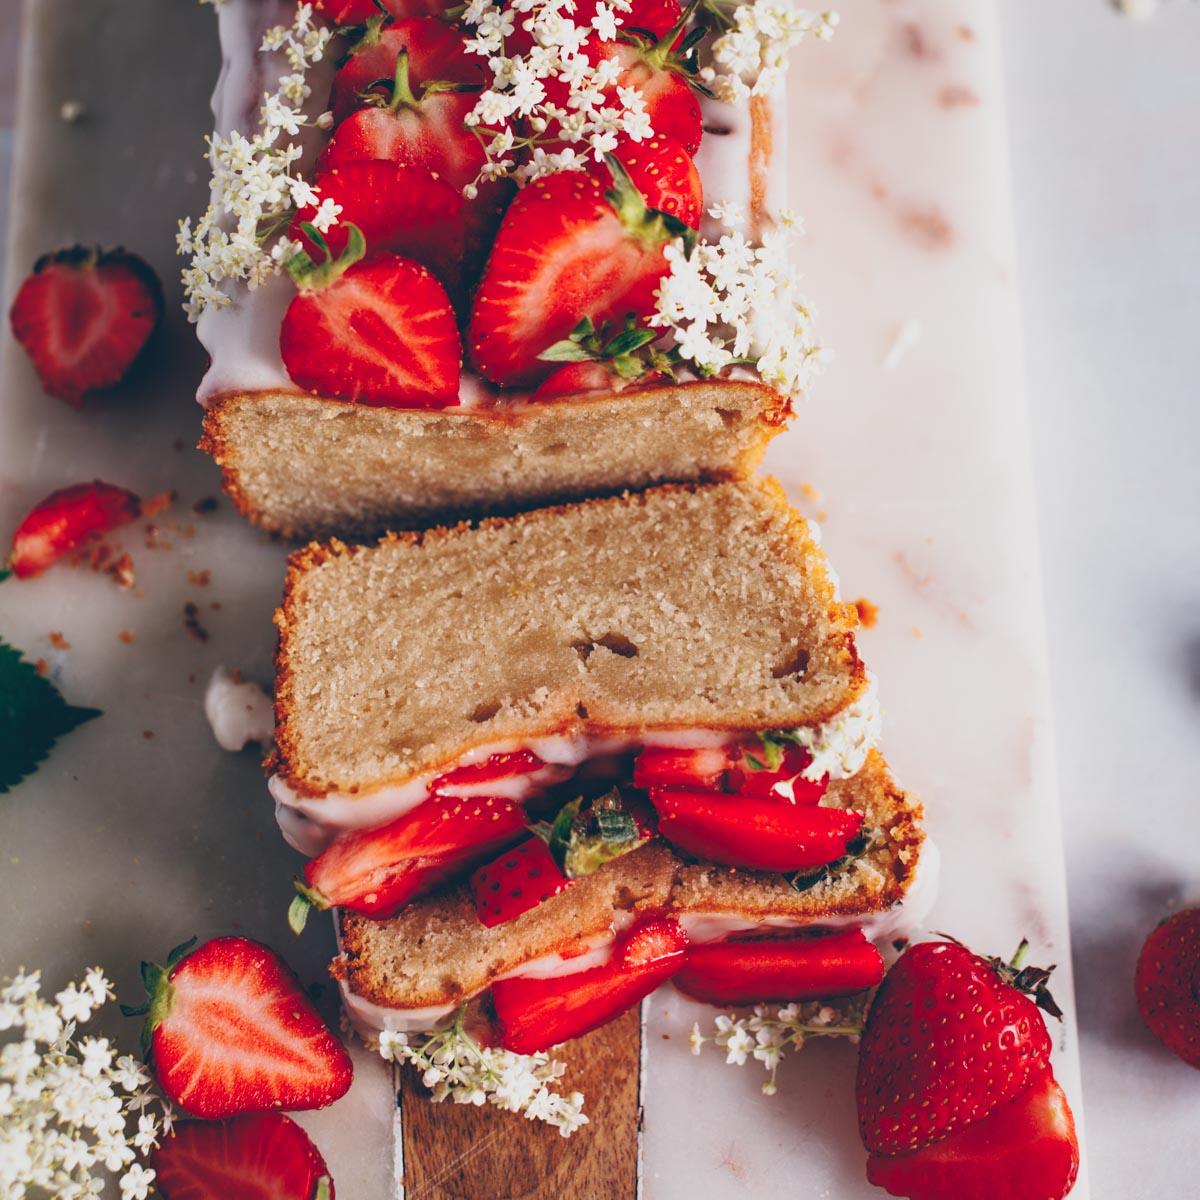 veganer Zitronenkuchen mit Erdbeeren